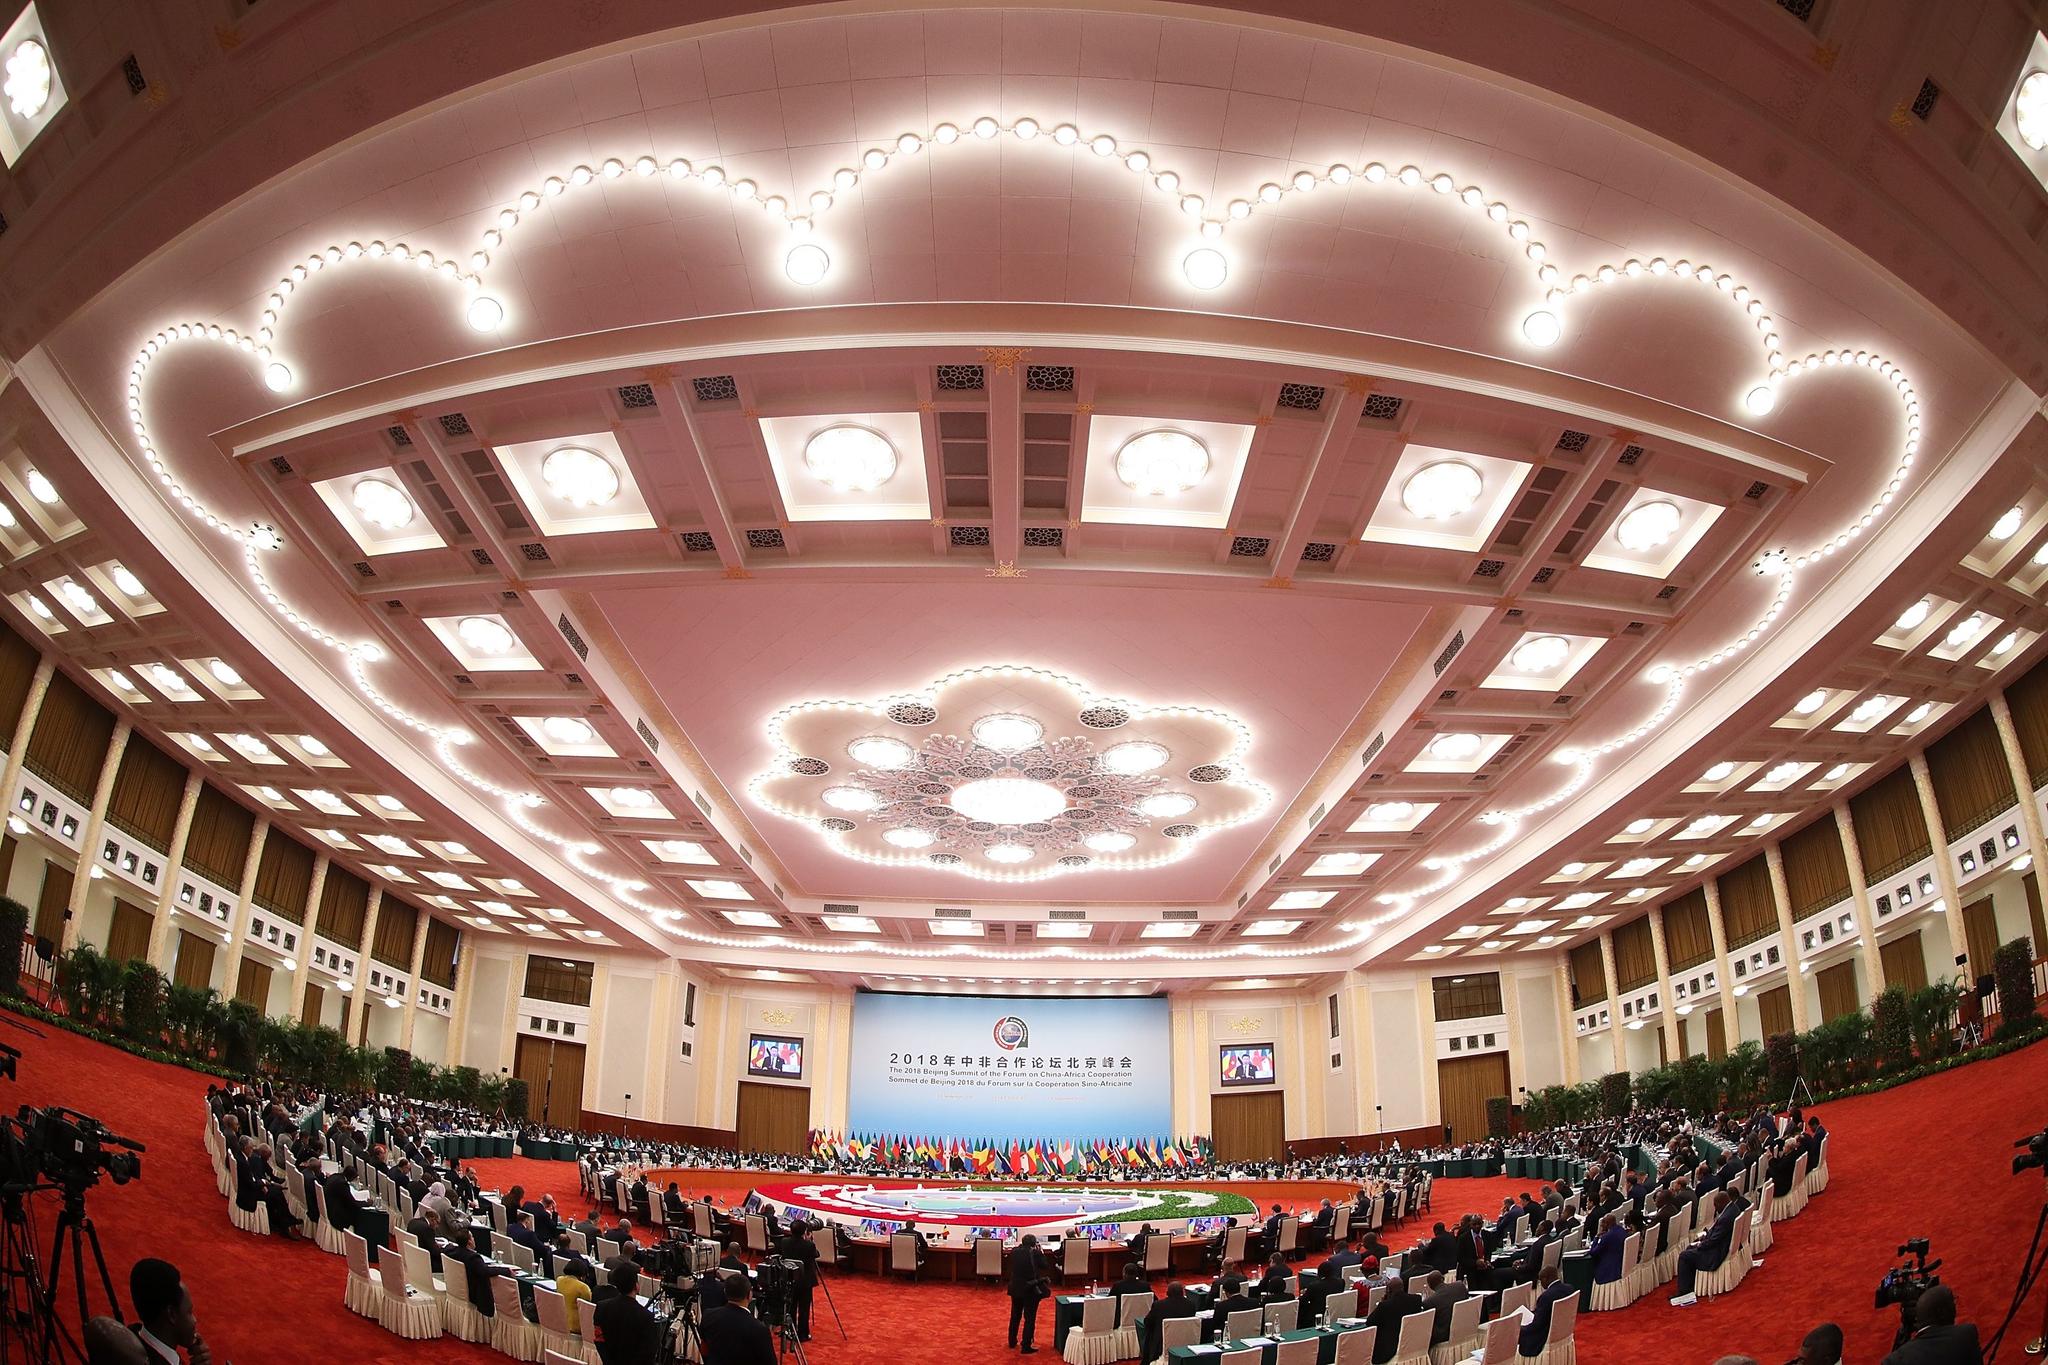 시진핑 중국 국가 주석과 아프리카 정상들이 참석한 중국-아프리카 협력 정상회의가 4일 베이징 인민대회당에서 이틀째 열리고 있다. [AFP=연합뉴스]